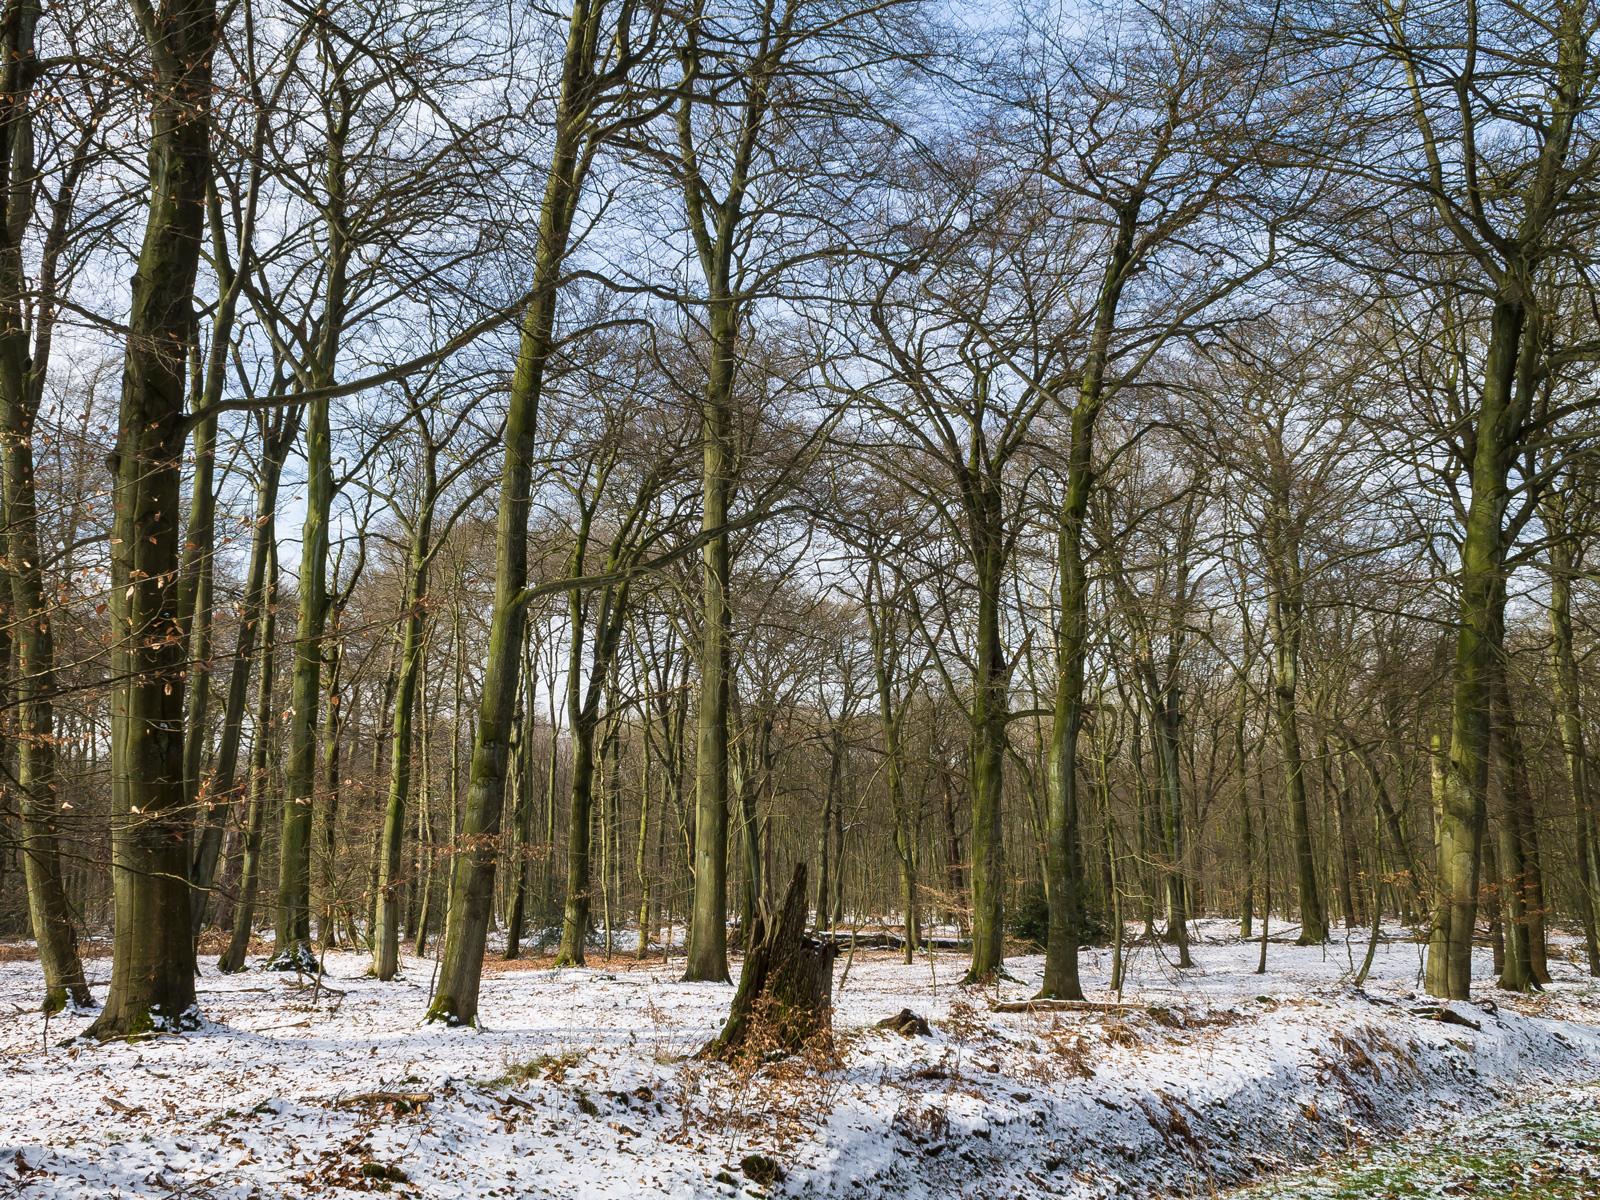 Naturwaldzelle ohne Verjüngung